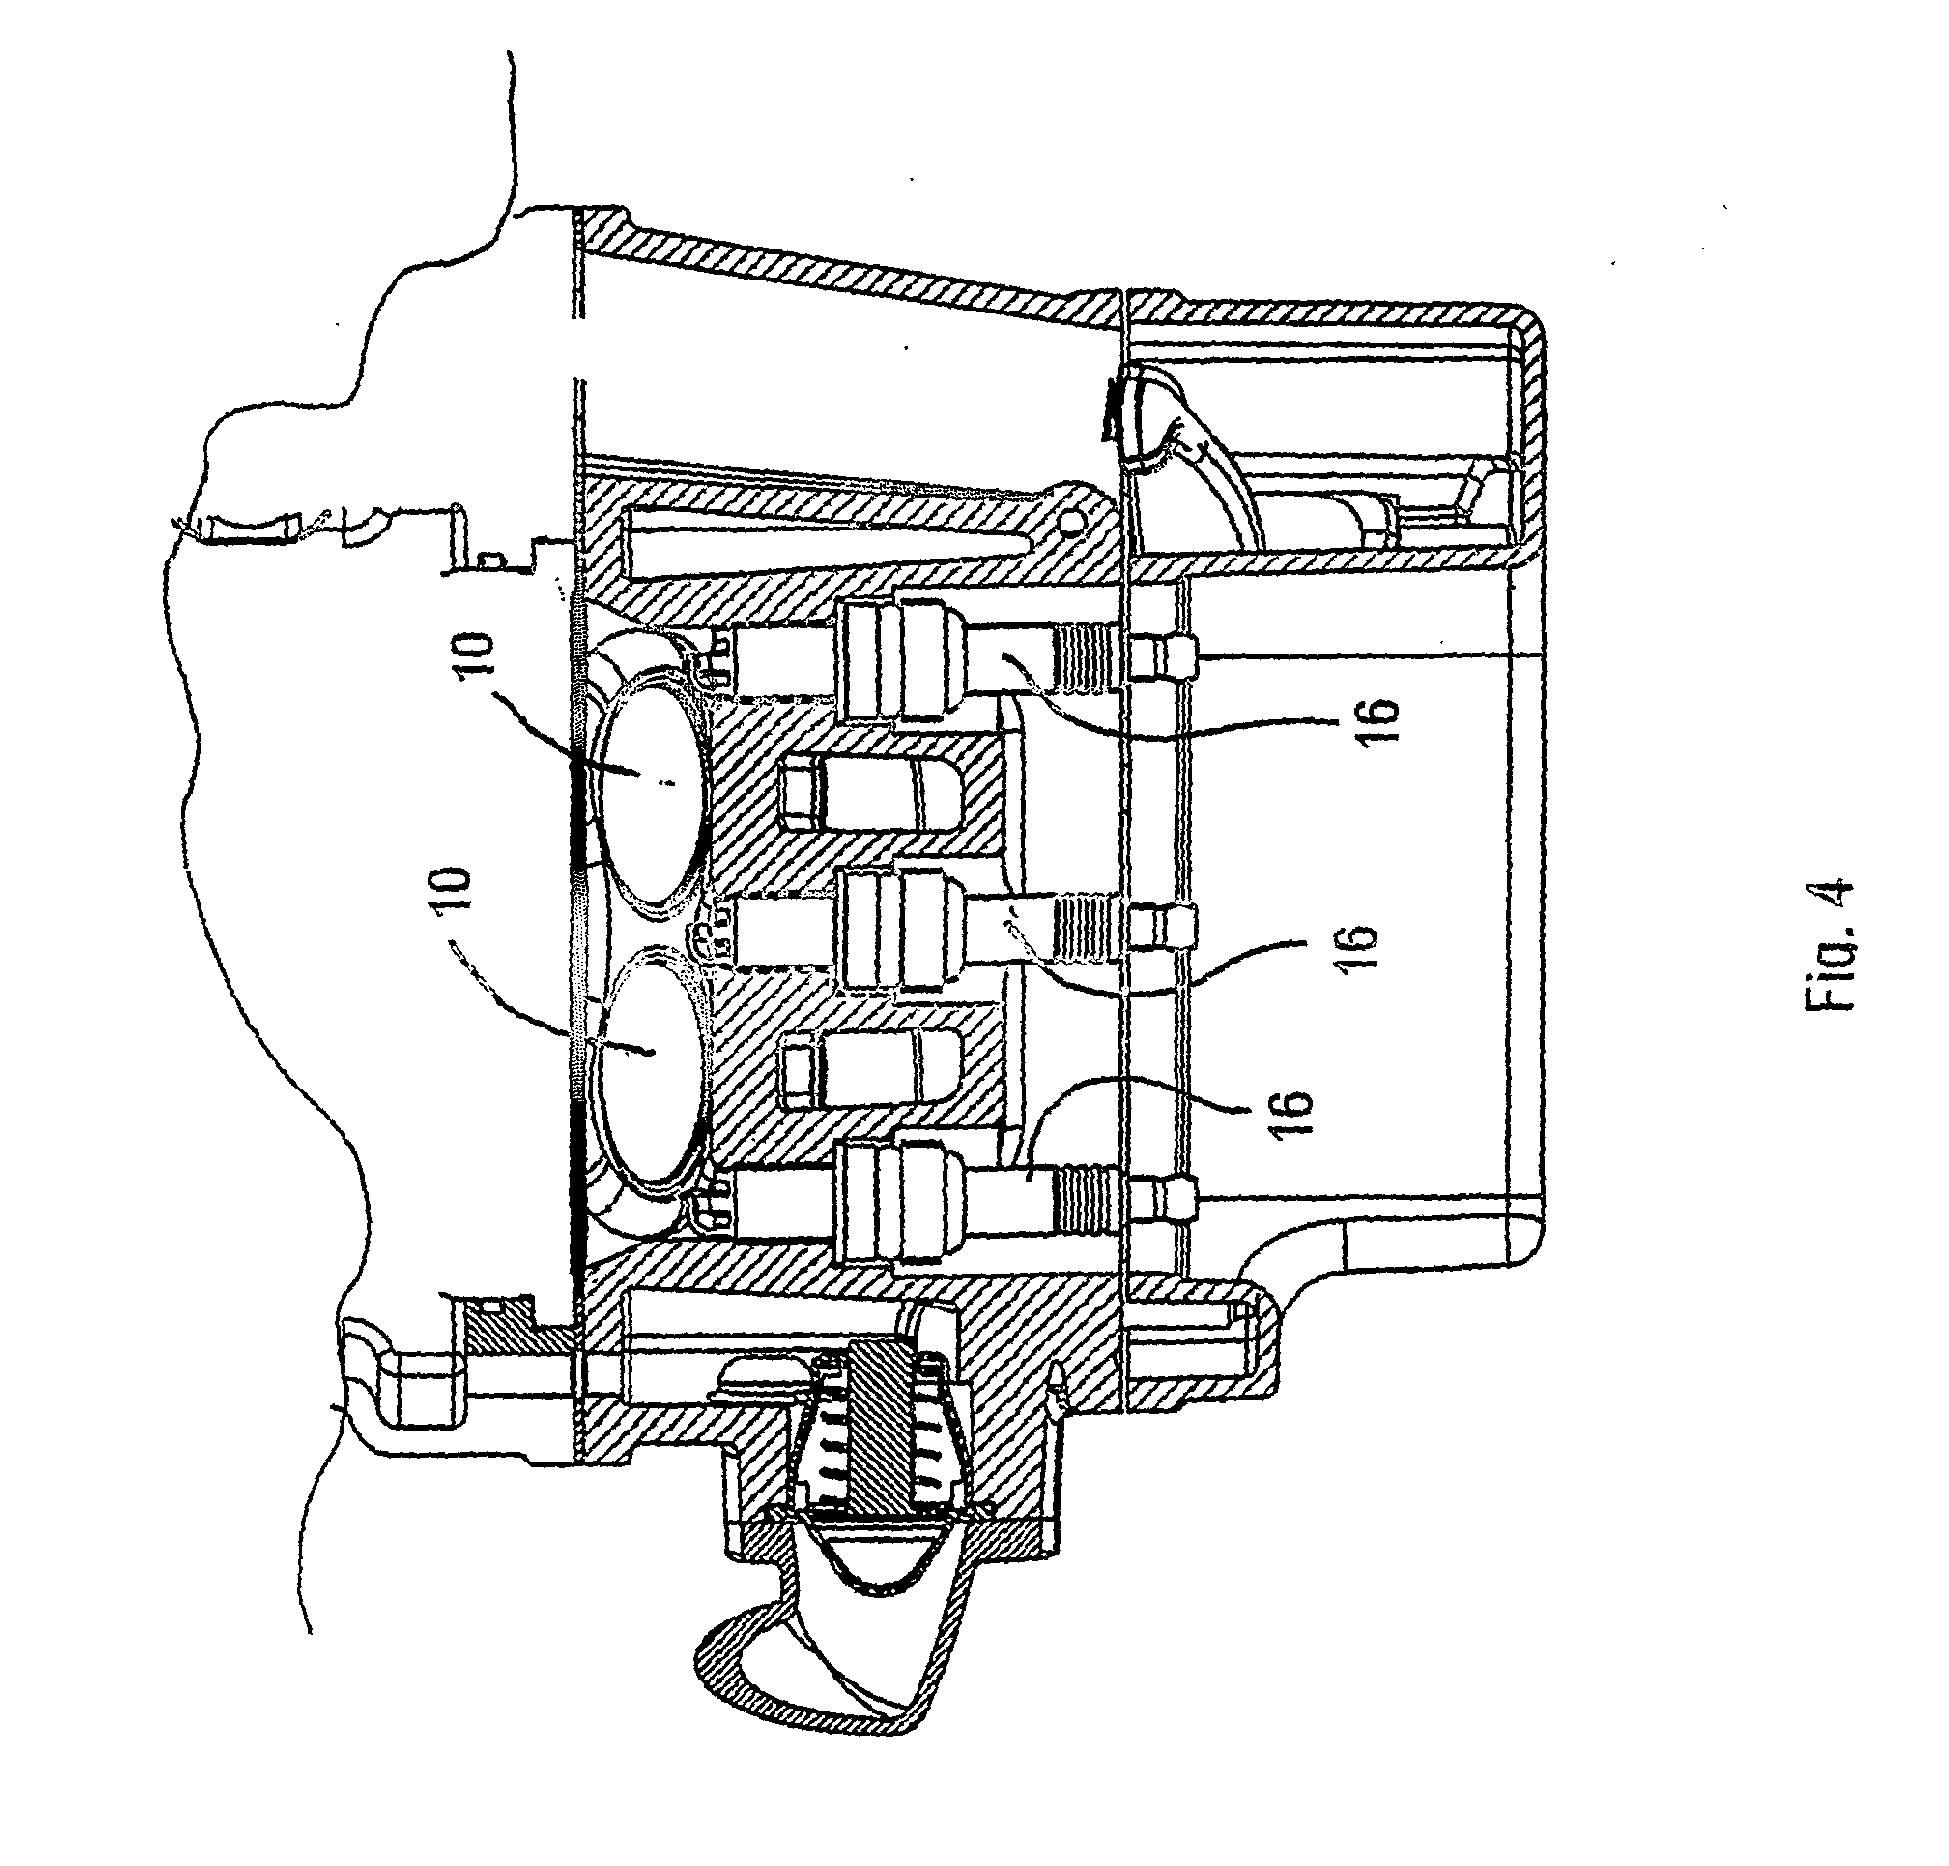 12 Cylinder Radial Engine